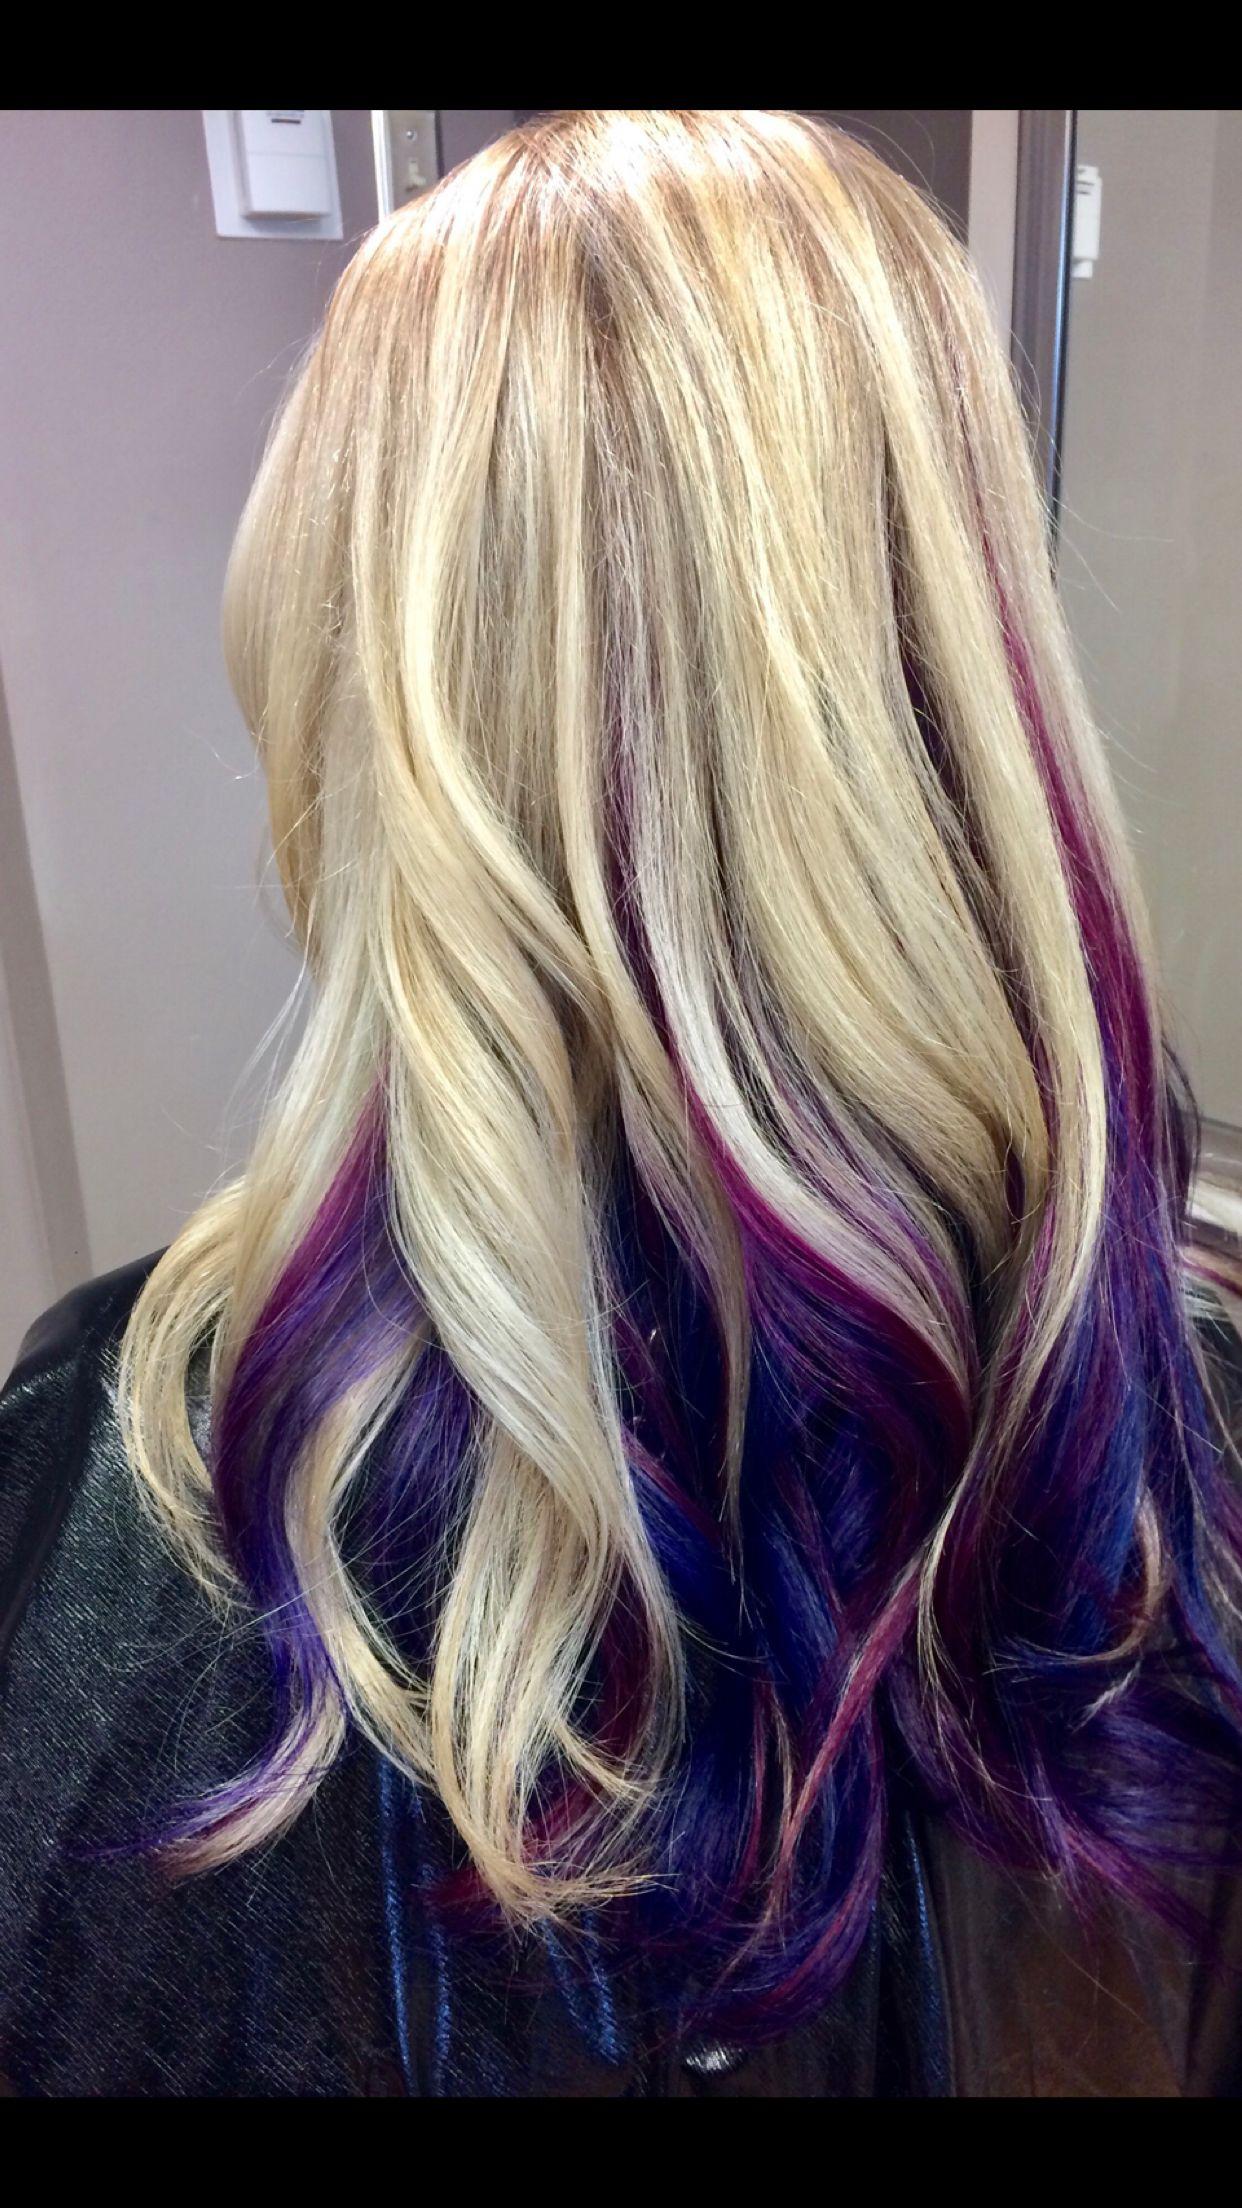 Peekaboo Highlights Blonde Hair Pink Streaks Purple Streaks Blue Streaks Mermaid Hair Unicorn Hair Blonde Hair With Highlights Hair Color Blue Peekaboo Hair